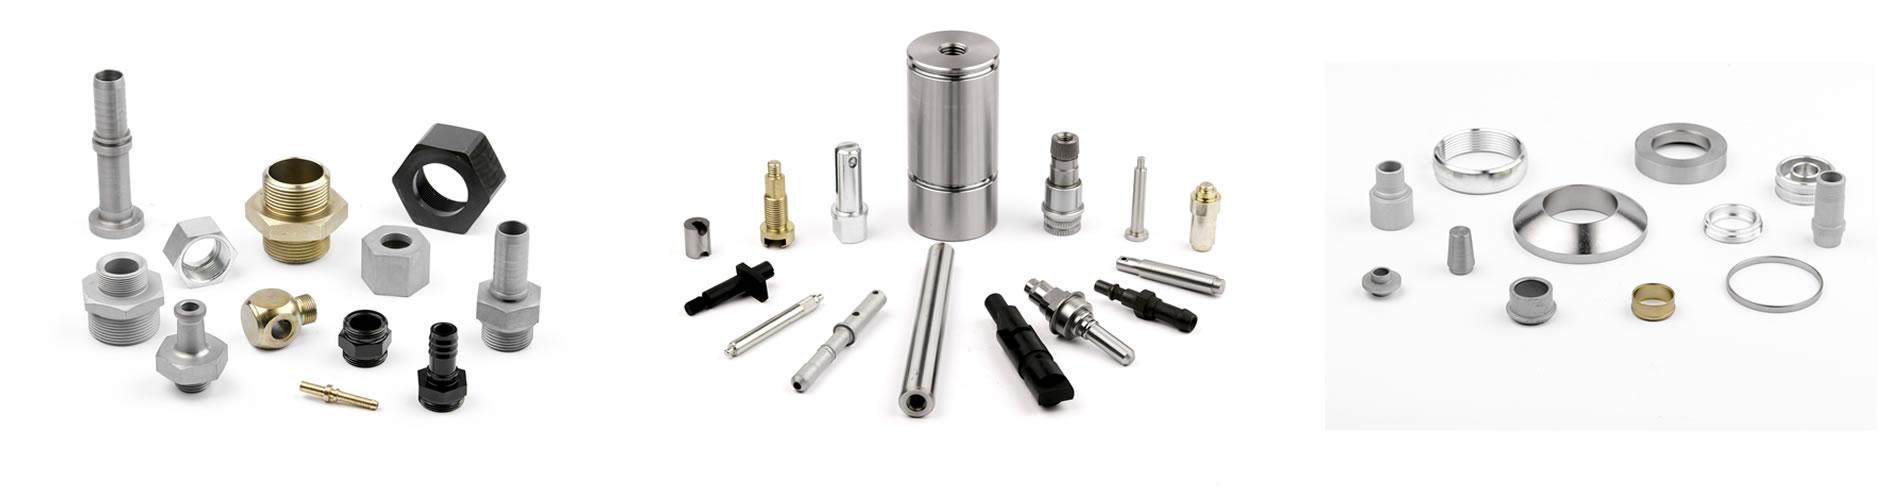 Nous fabriquons des pièces de révolution sur plan en acier, acier inoxydable et aluminium.